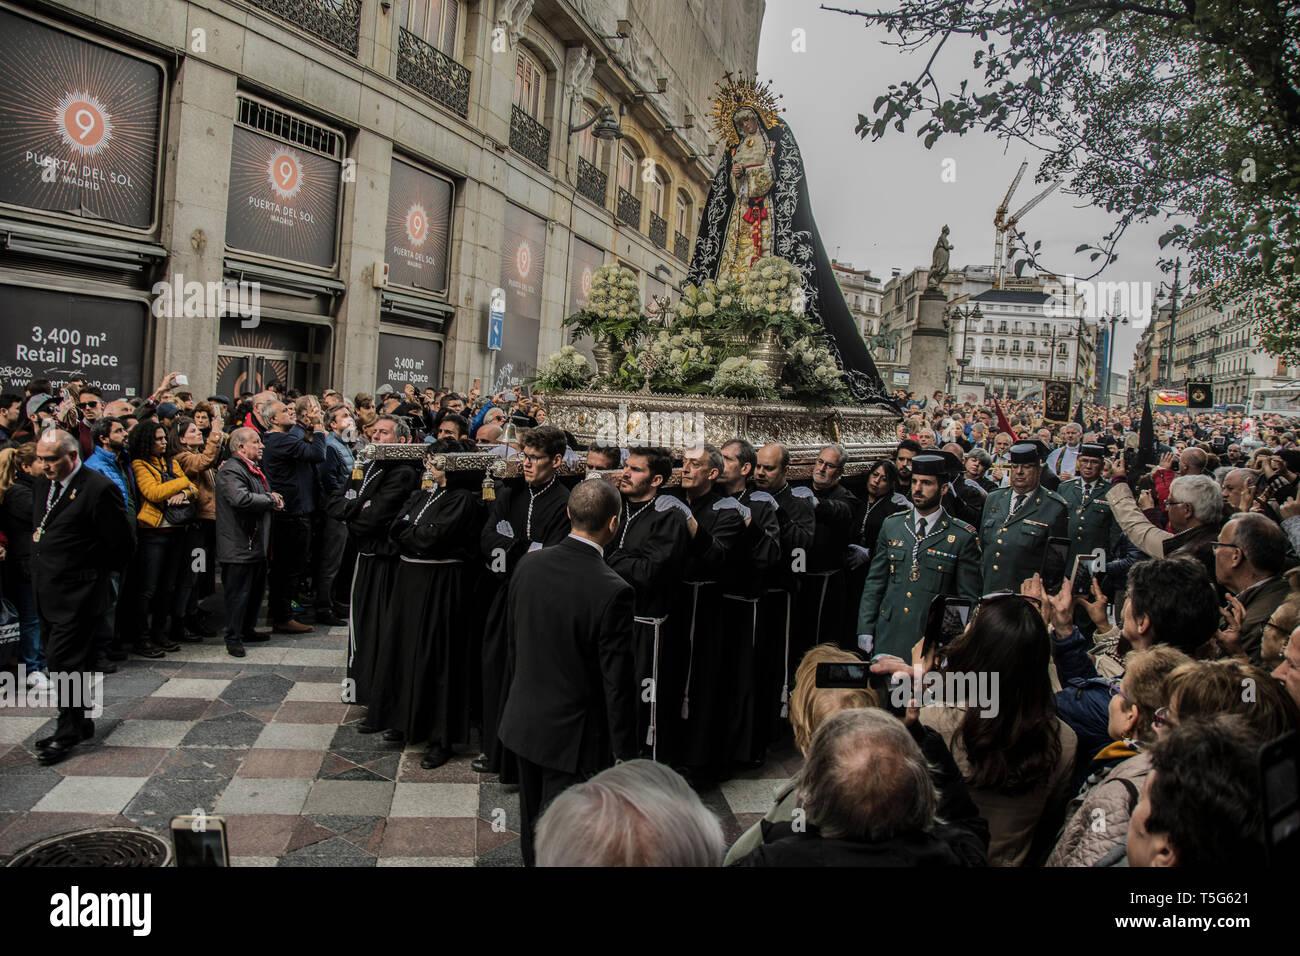 Menschen gesehen Laden das Bild Unserer Lieben Frau, unsere Einsamkeit in der Straße Arenal in Madrid, Spanien. Prozession der Muttergottes von der Einsamkeit und Hilflosigkeit Stockbild